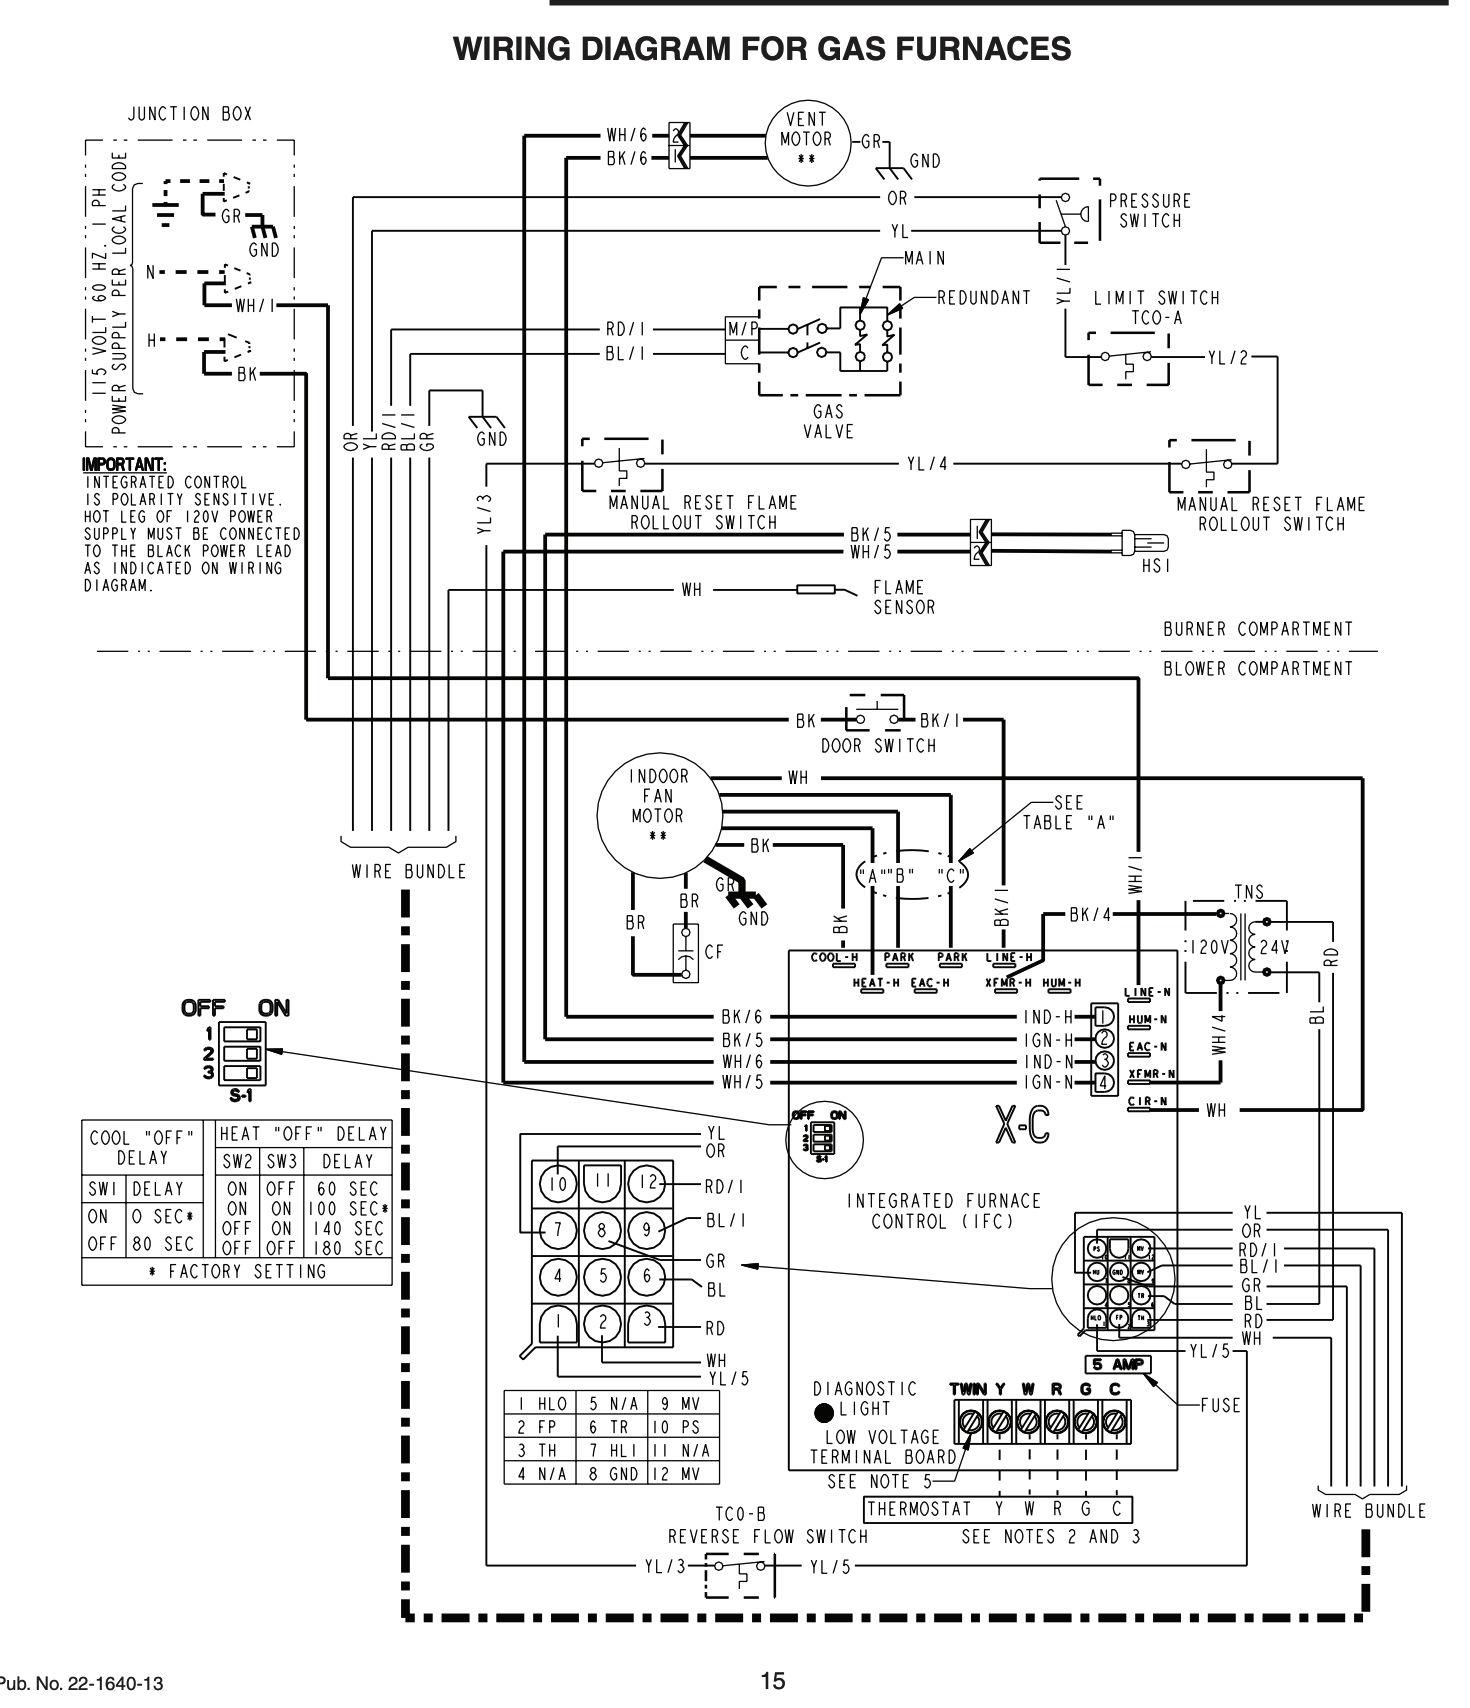 fenwal ignition module wiring diagram kx 3083  ford module wiring free diagram  kx 3083  ford module wiring free diagram